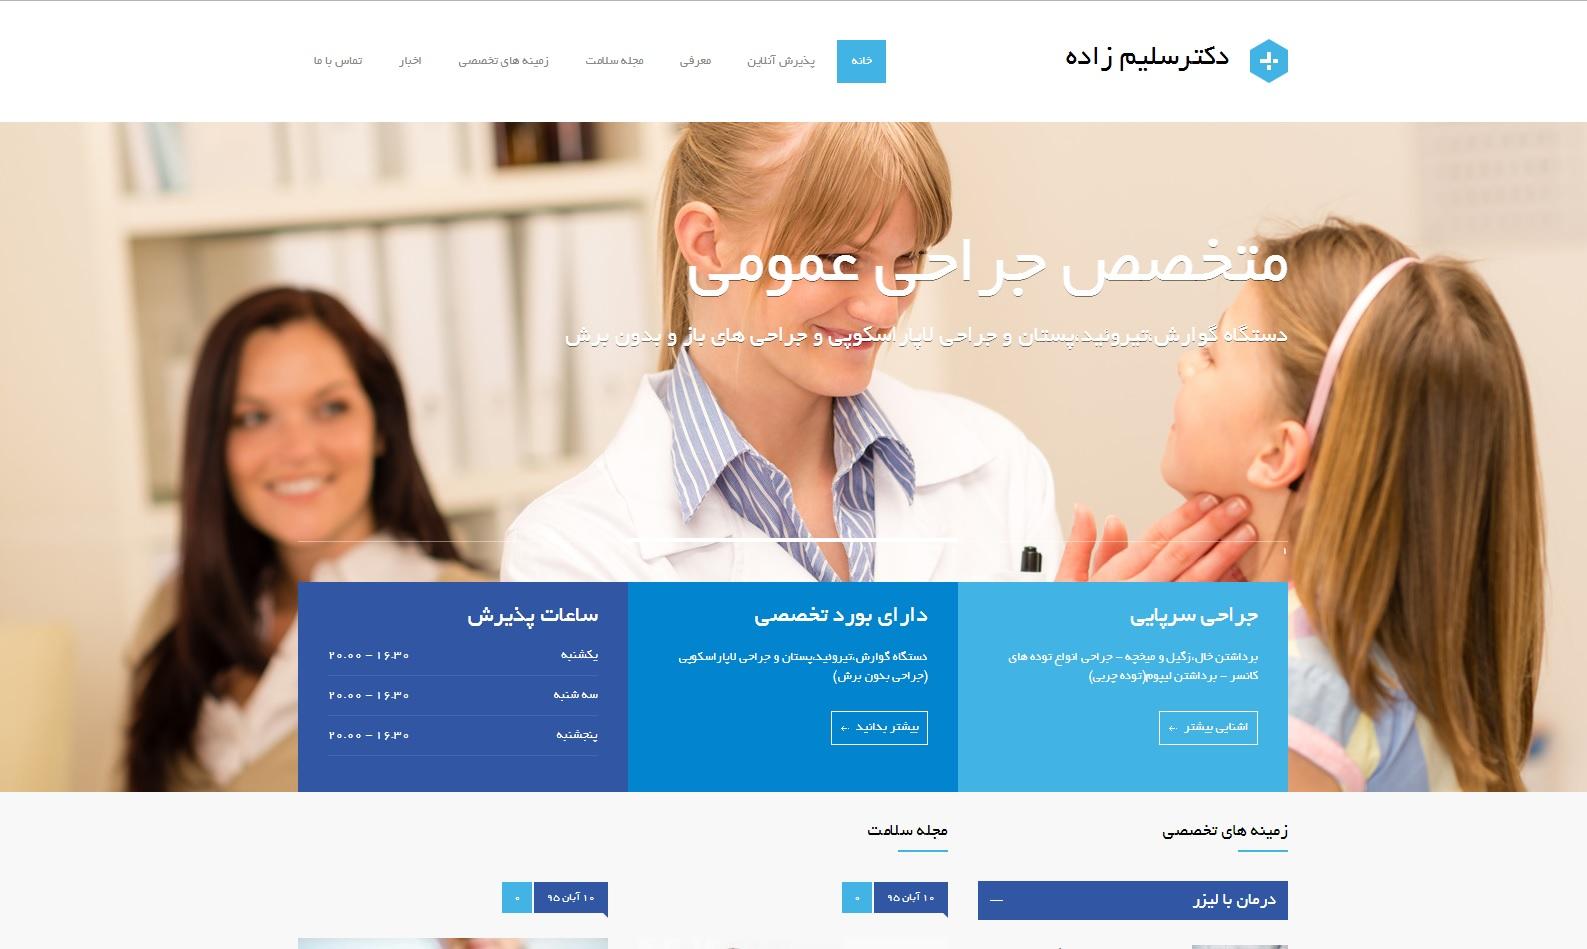 طراحی وب سایت دکتر جواد سلیم زاده